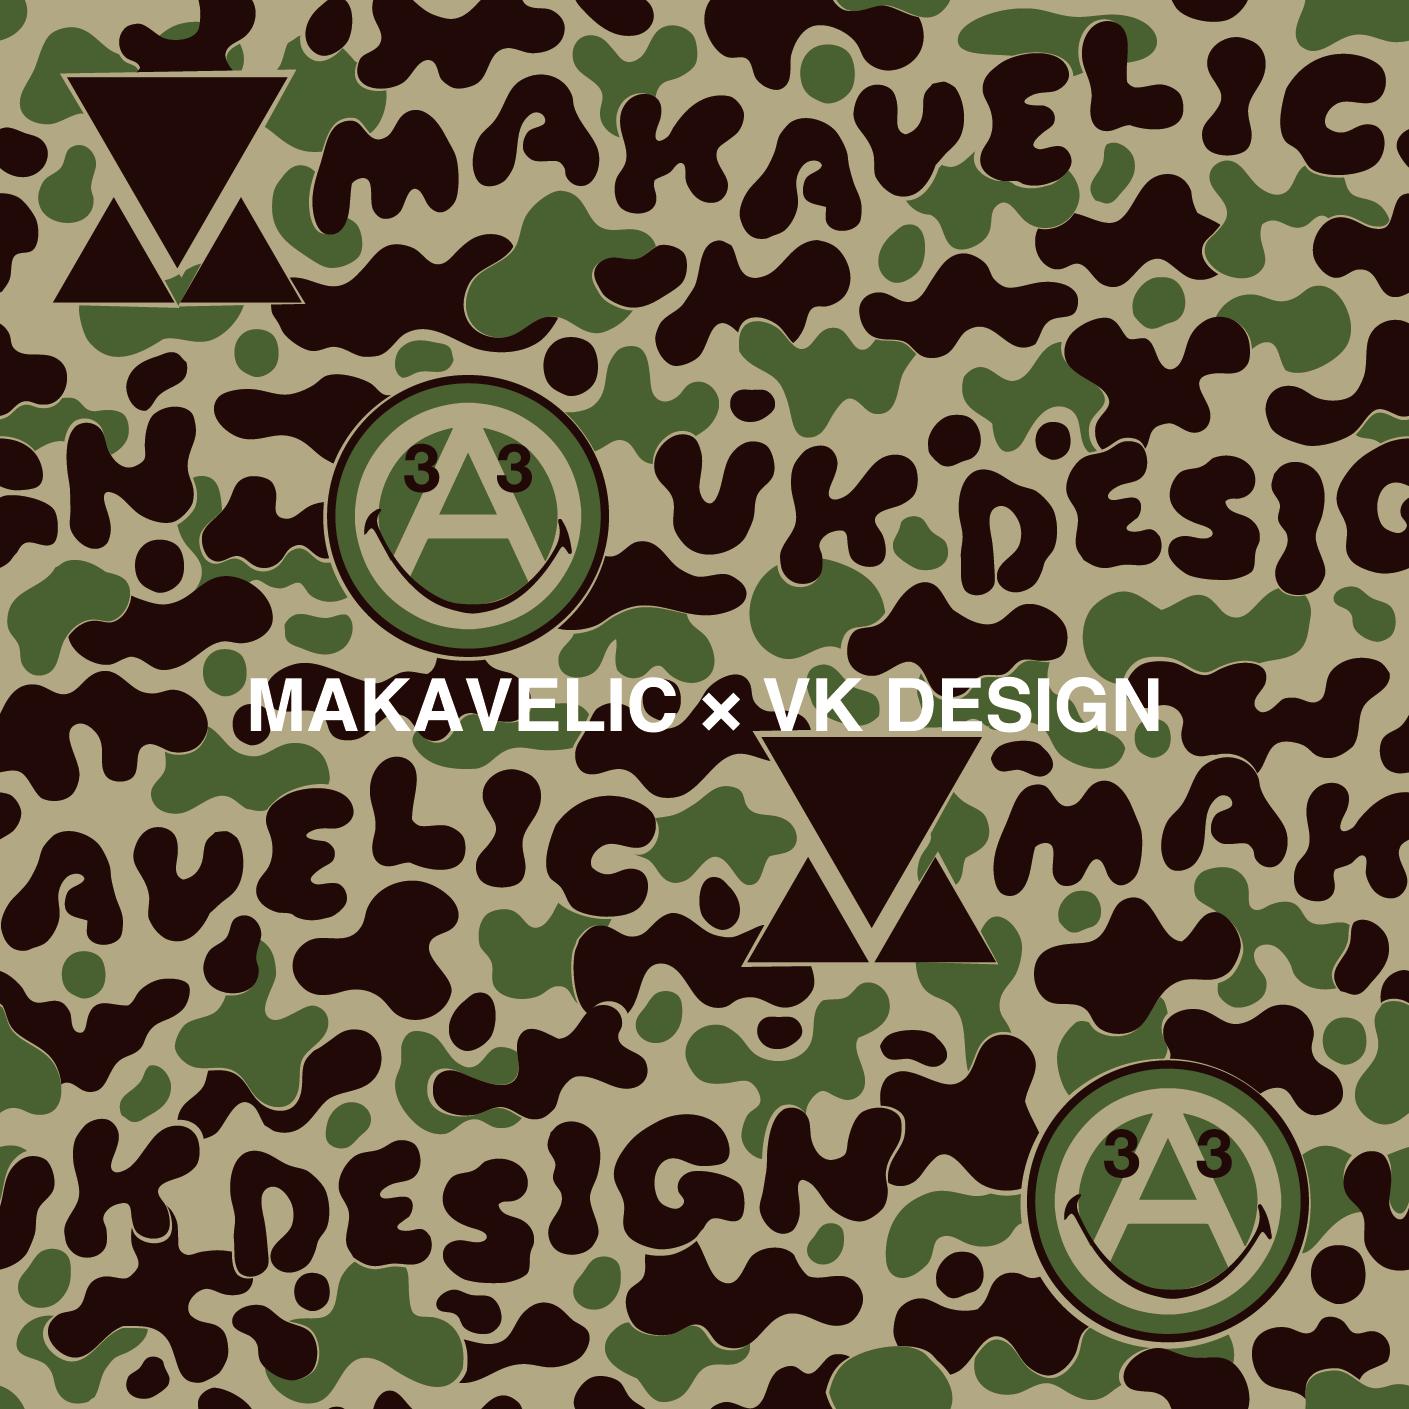 maka_vkdesign